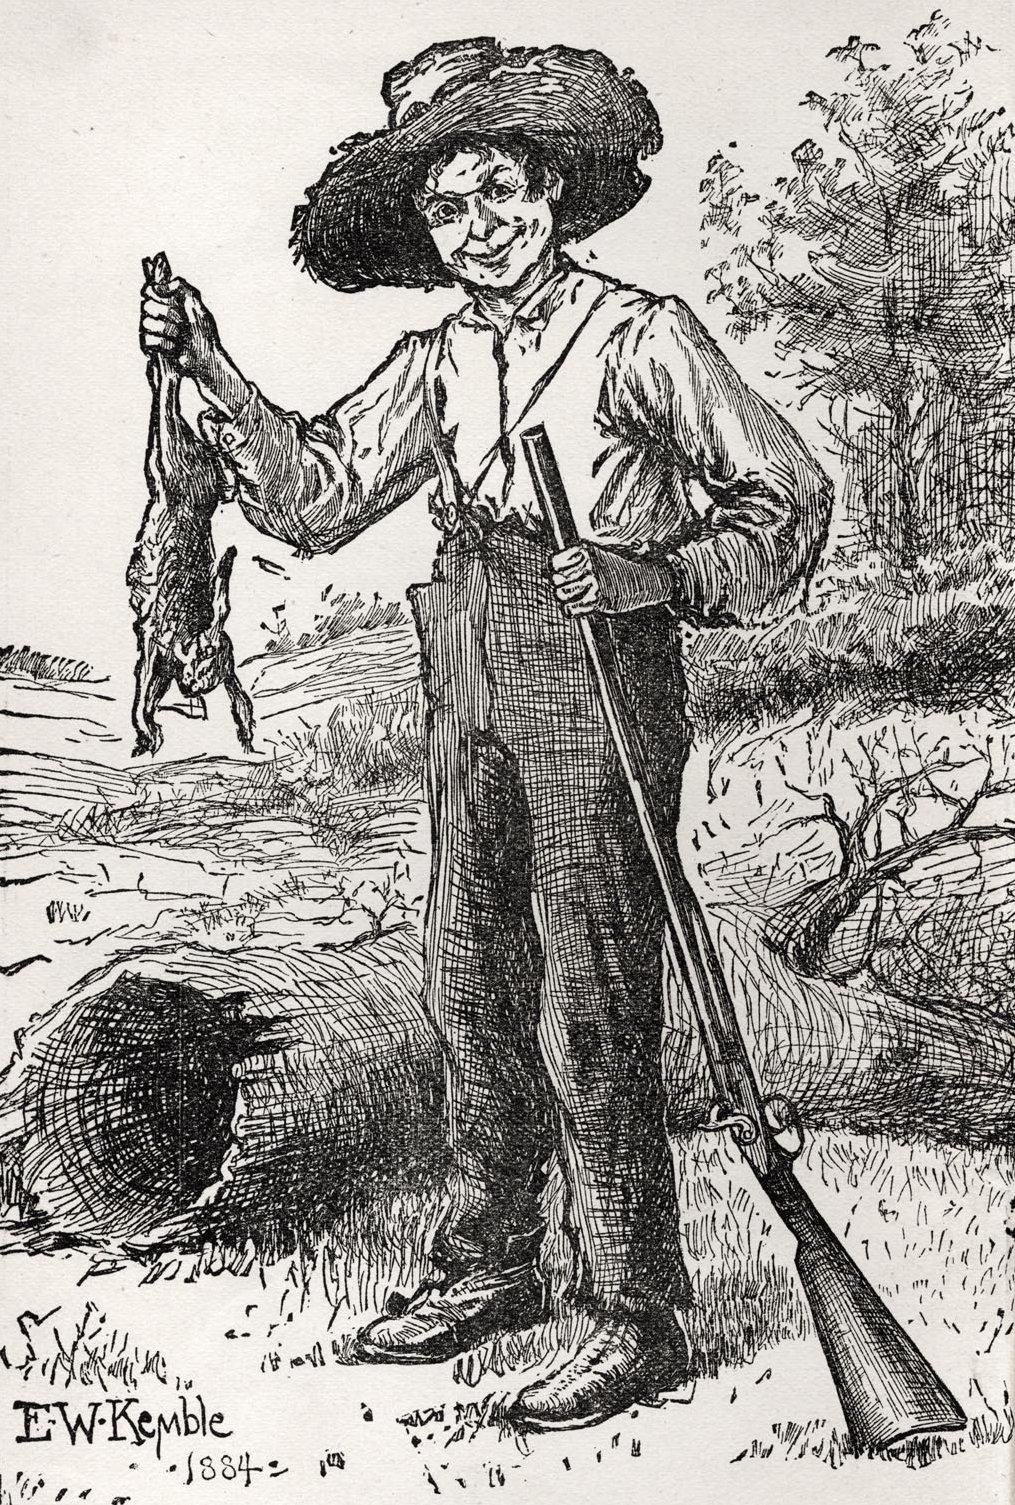 Huckleberry Finn (Excerpt)